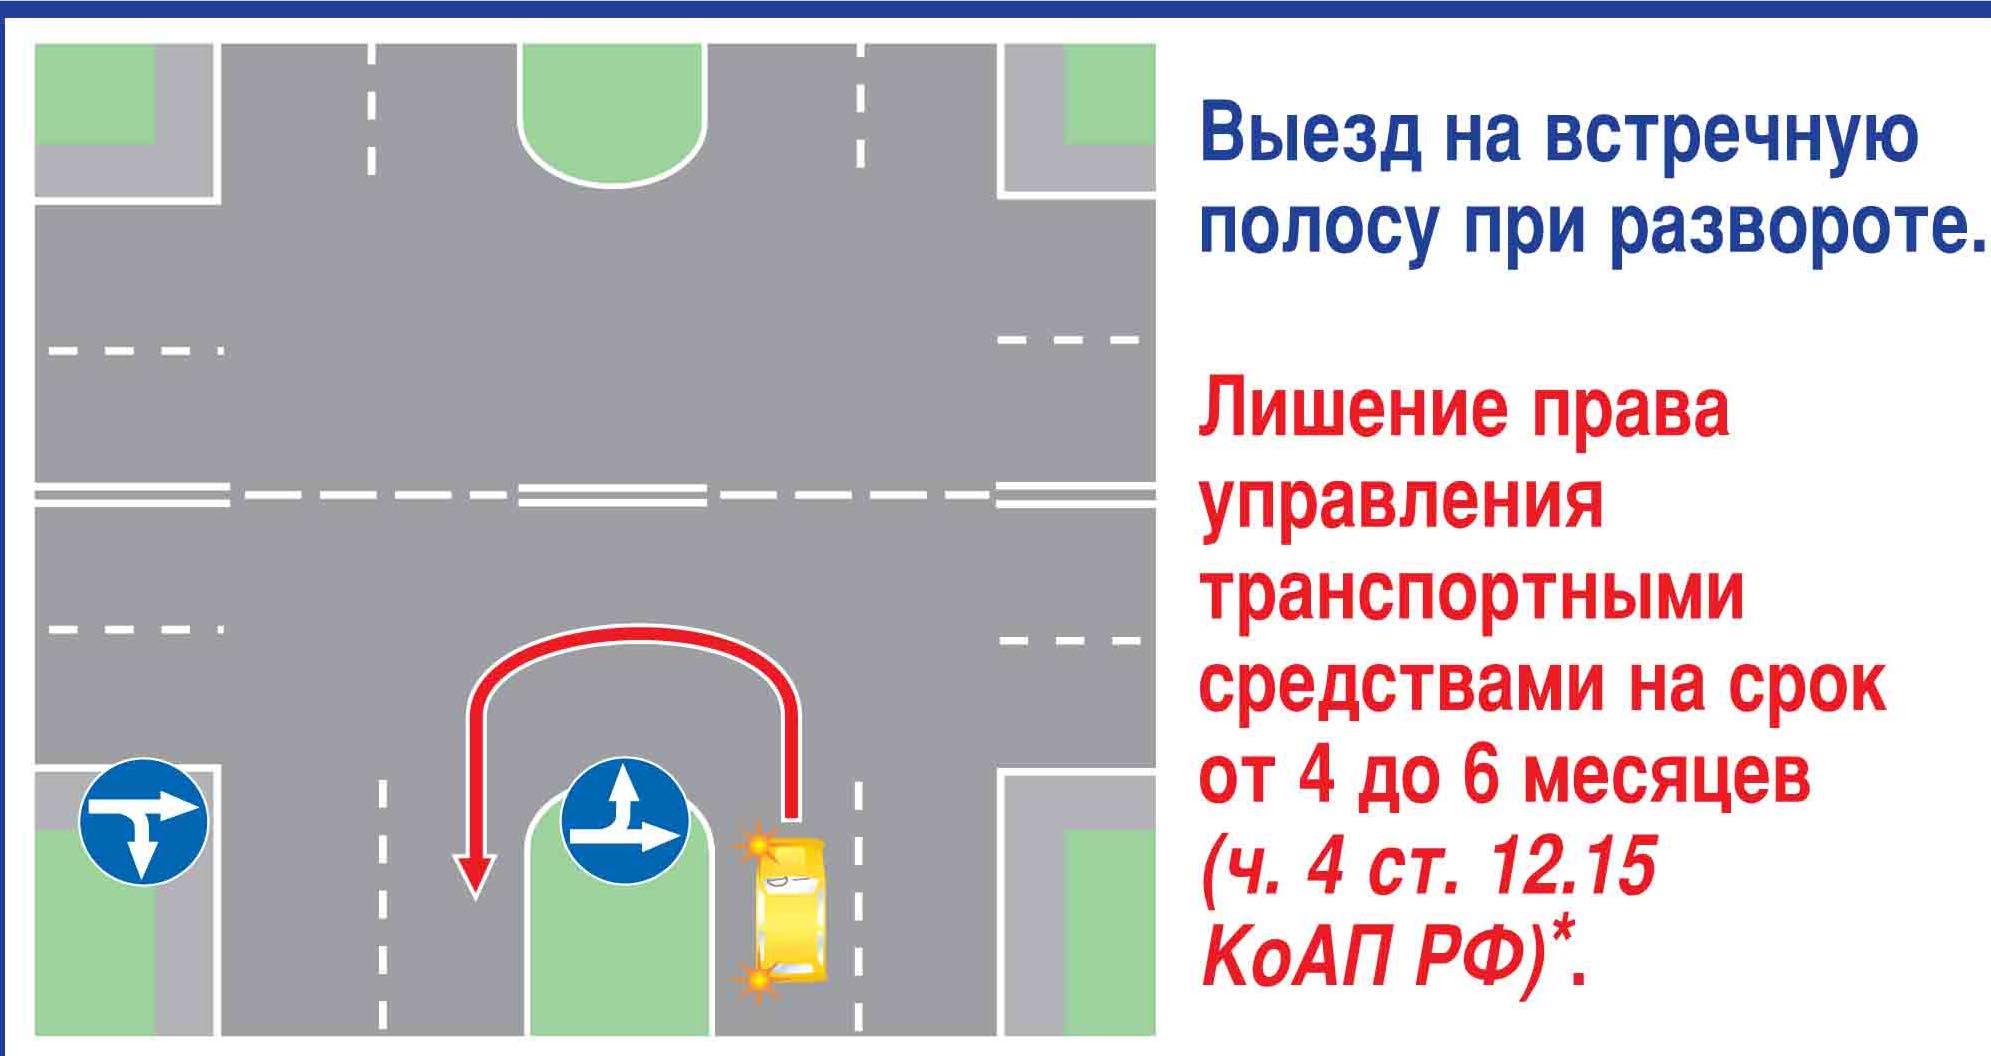 Разворот по малому радиус - правила дорожного движения